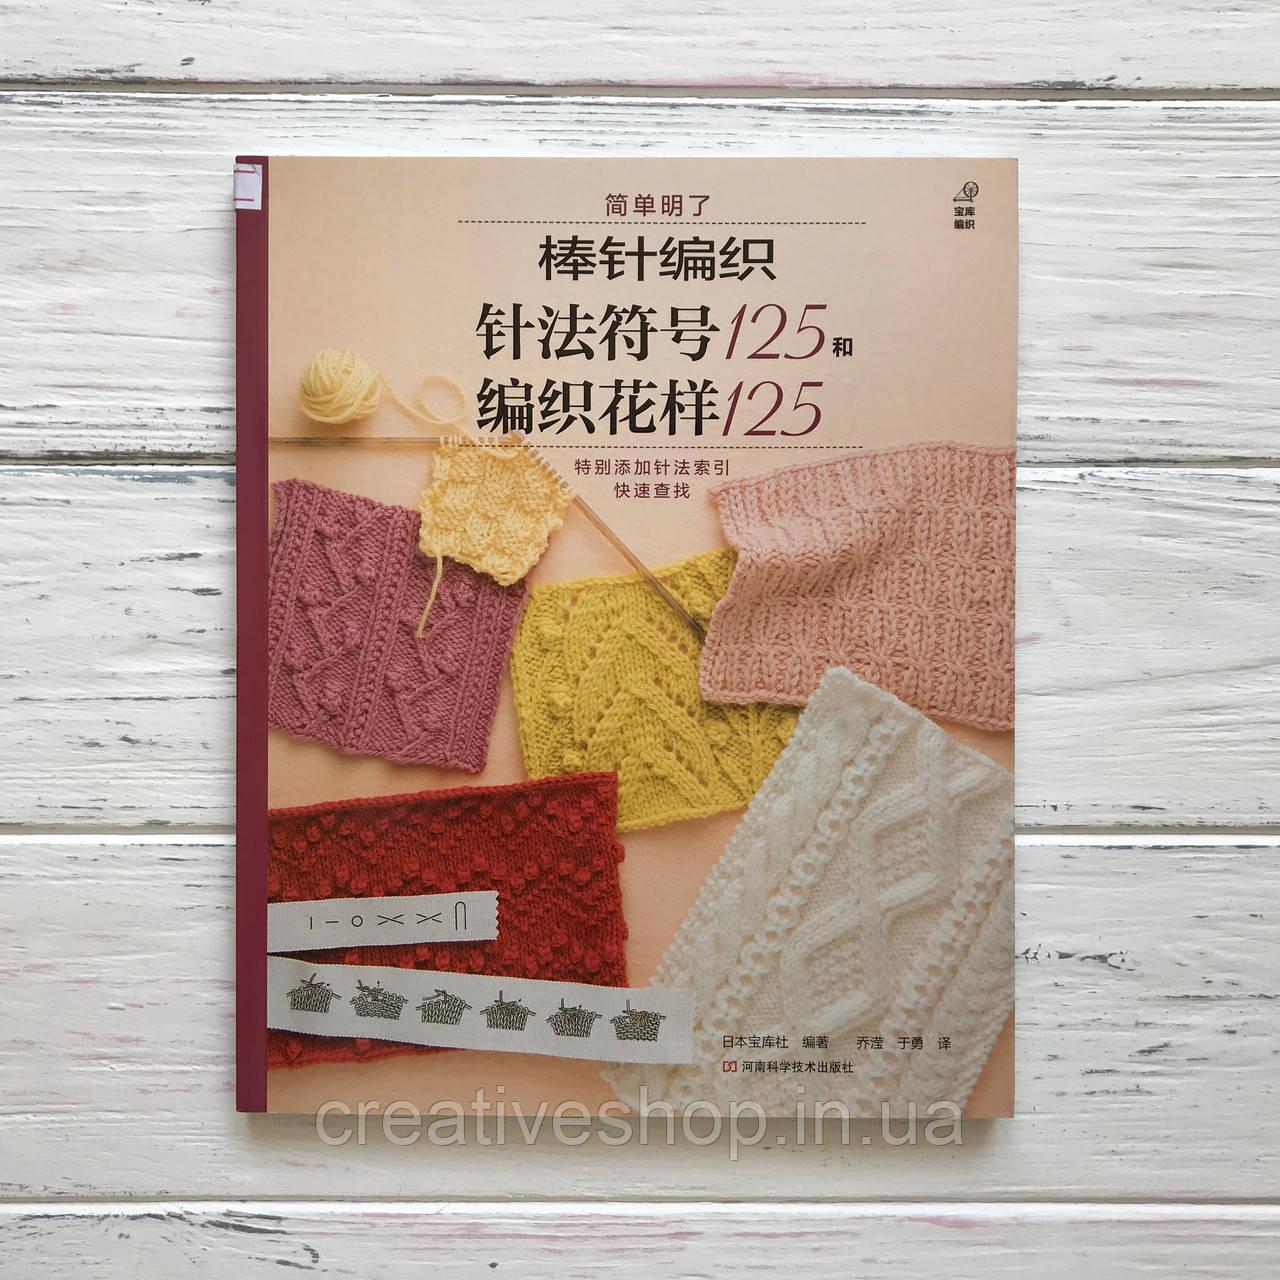 """Японская книга по вязанию """"125 узоров спицами"""""""